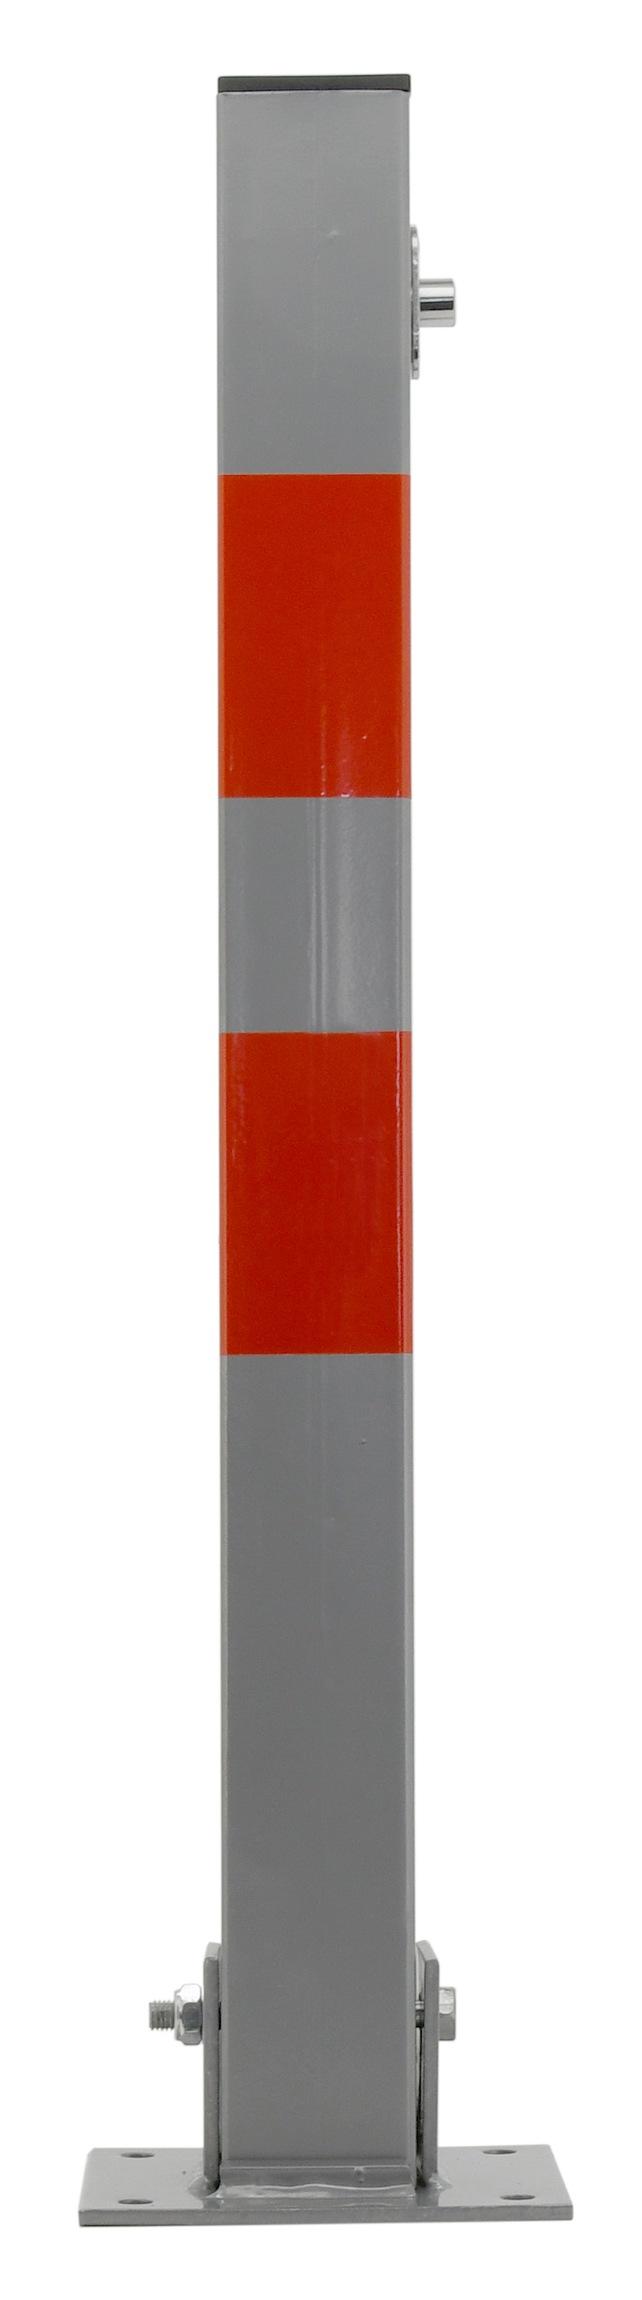 Parkovací zábrana typ I zamykací